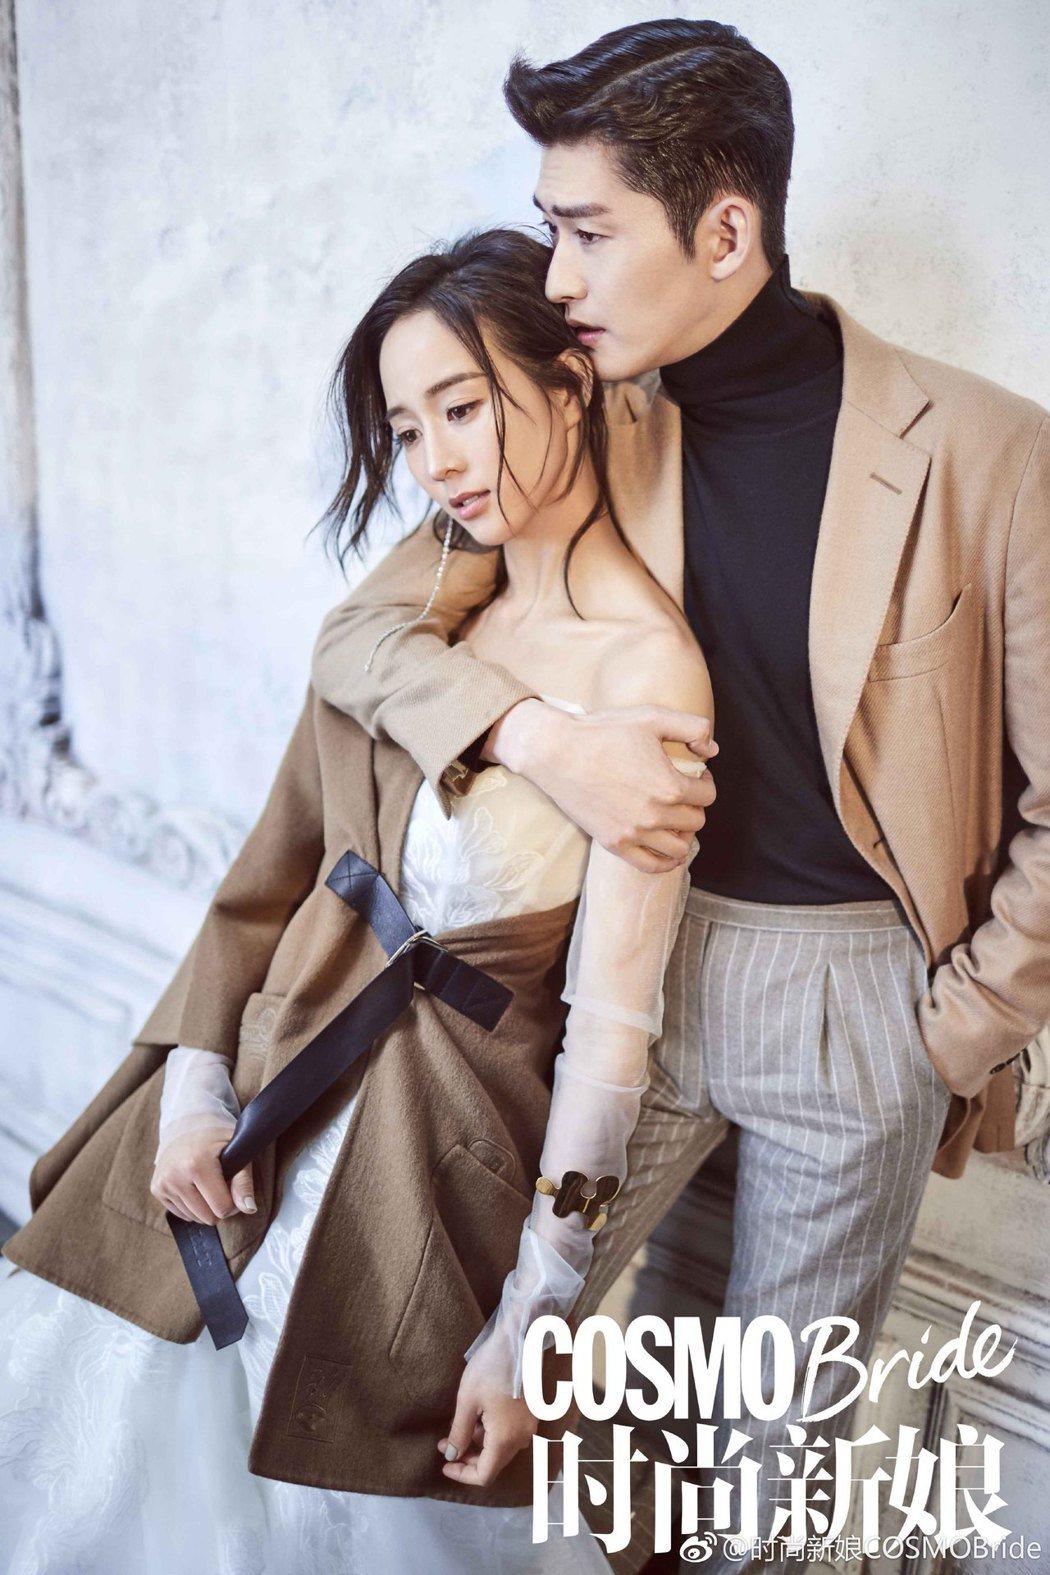 張鈞甯與張翰拍攝婚紗互動自然,甜翻粉絲。圖/摘自微博